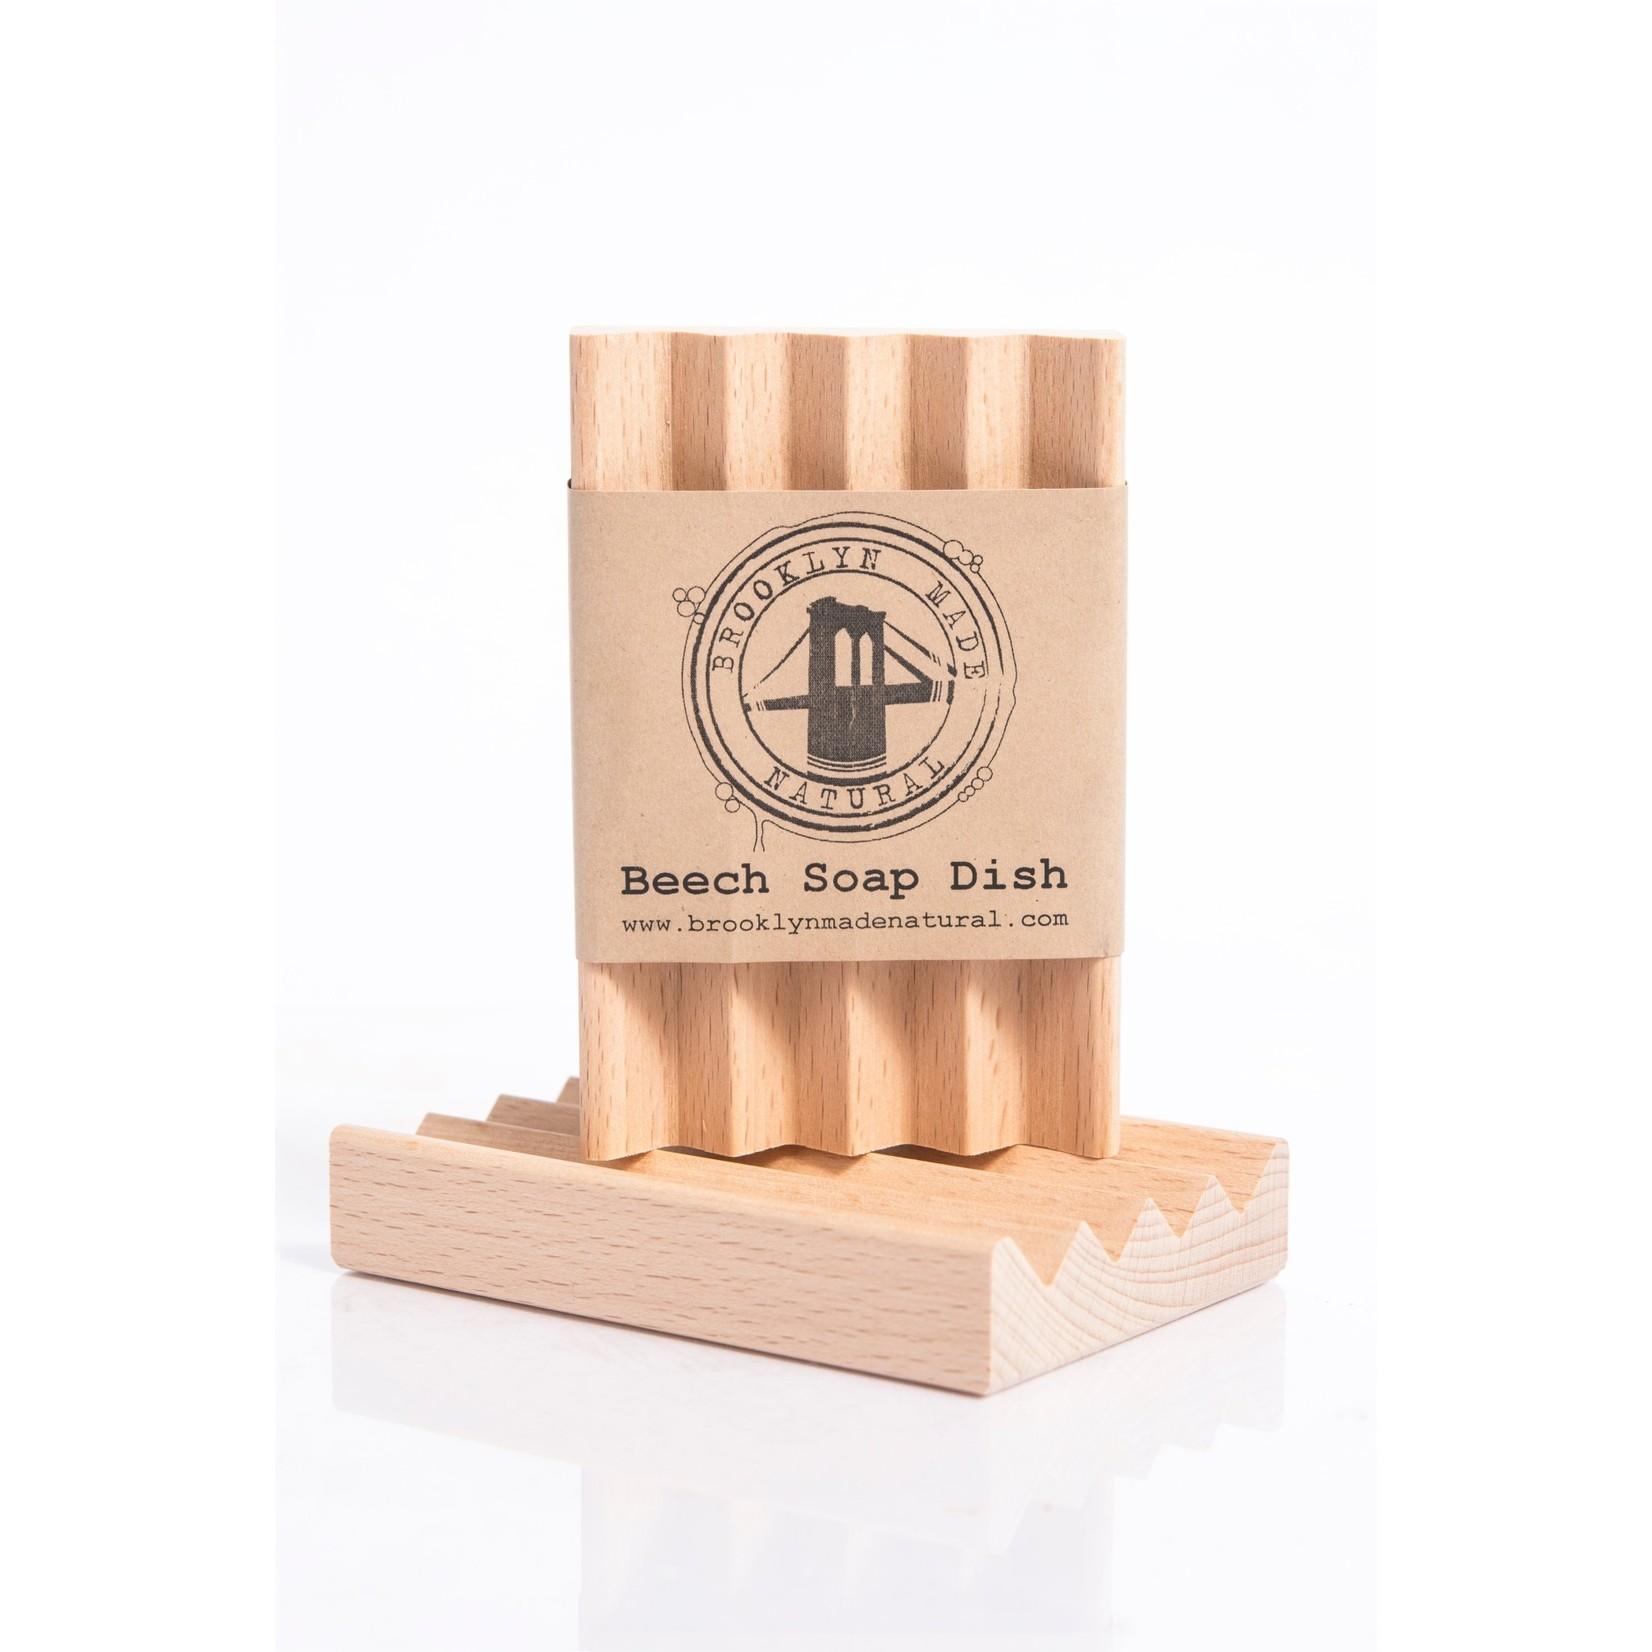 Brooklyn Made Natural Brooklyn Made Natural Beech Wood Soap Dish